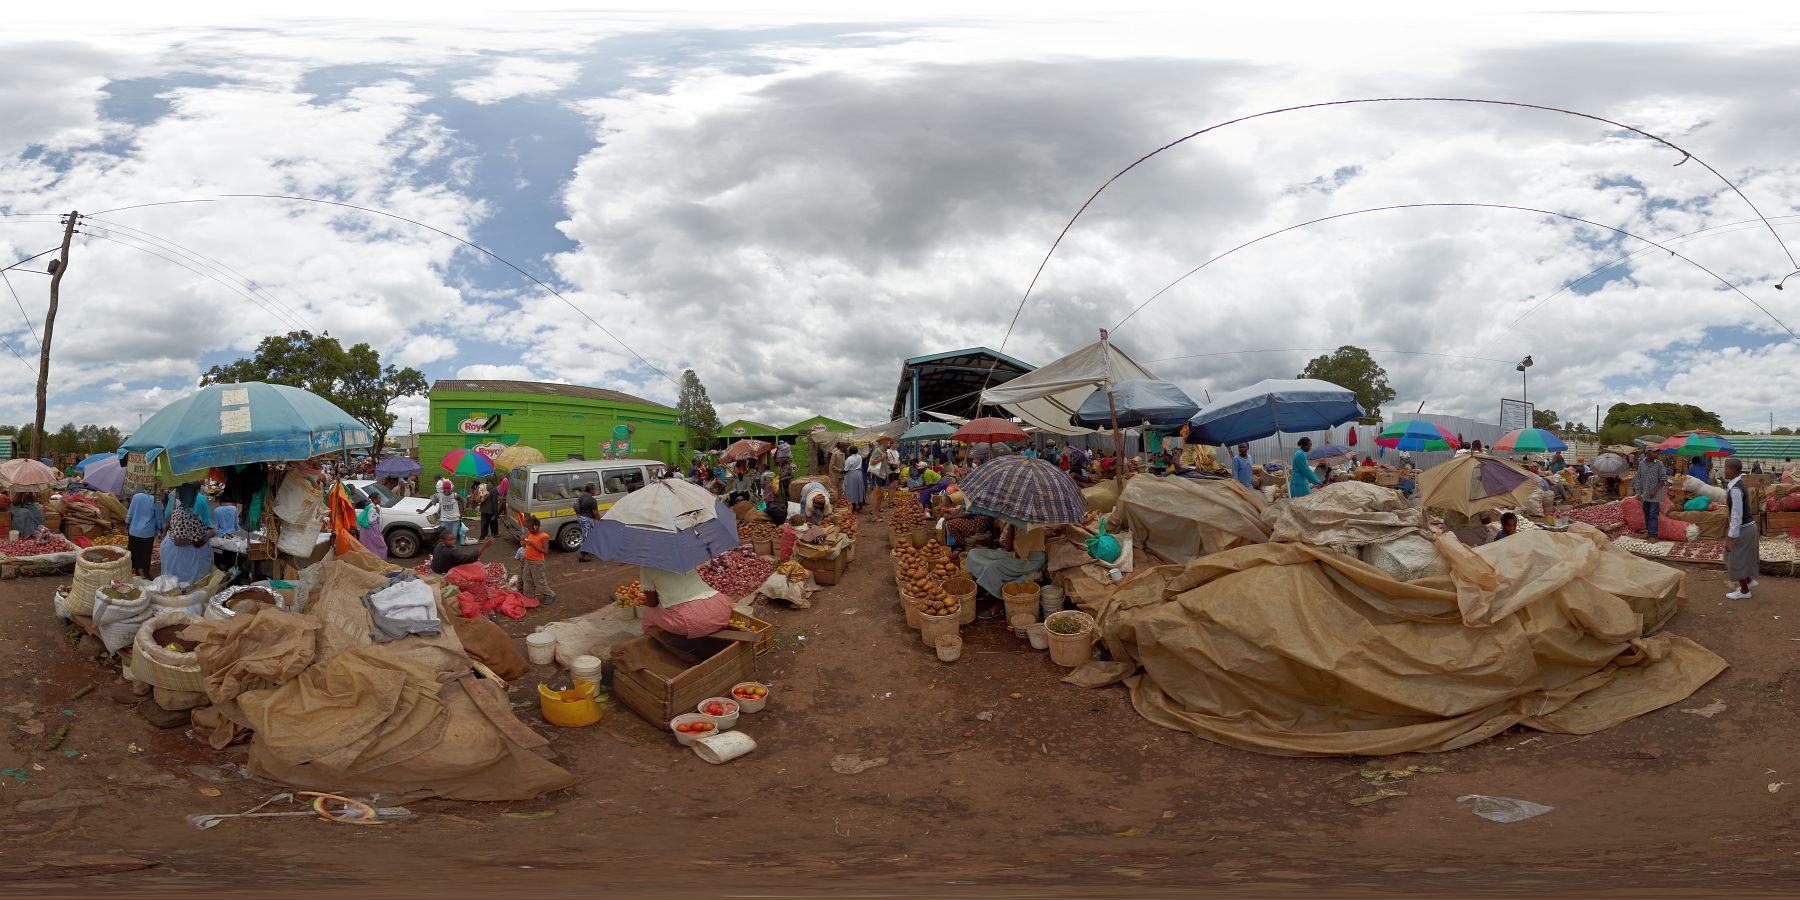 Panorama Kenia Nakuru Markt 2